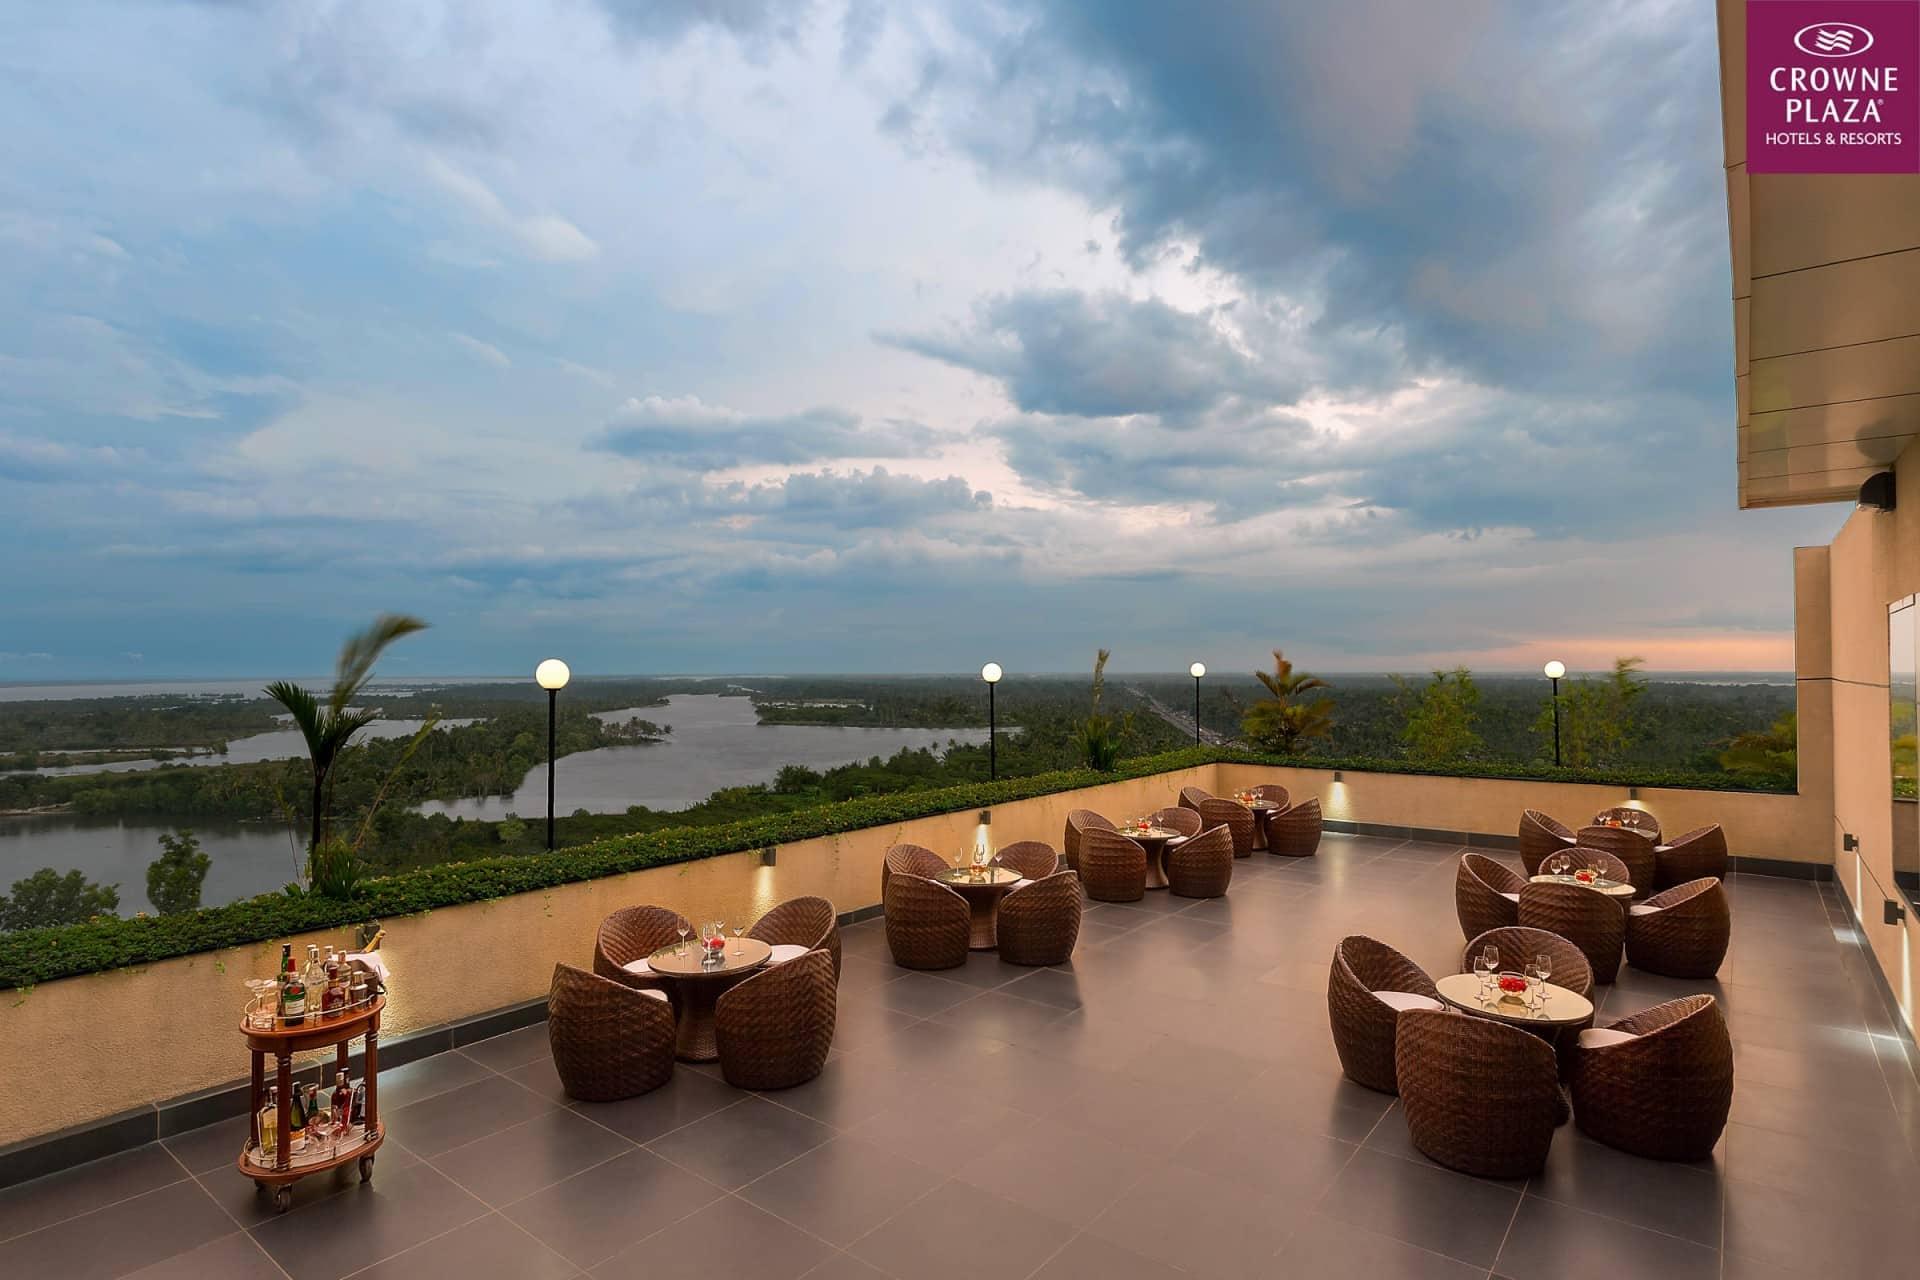 Best Architecture Photographer Delhi India   Crowne Plaza Lounge Backwater Sunset Photography Kochi